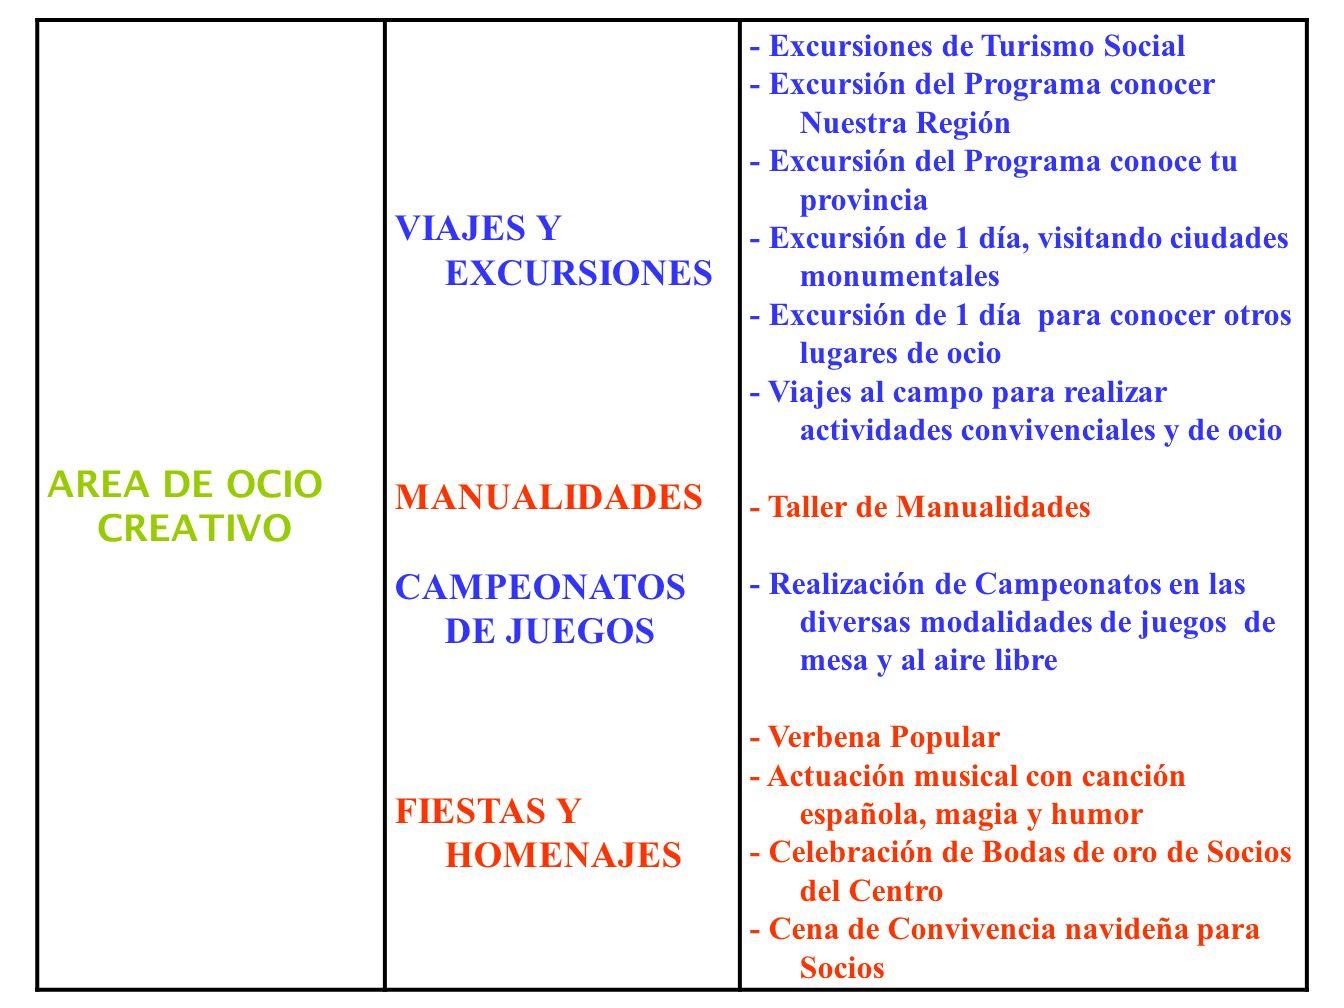 AREA DE OCIO CREATIVO VIAJES Y EXCURSIONES MANUALIDADES